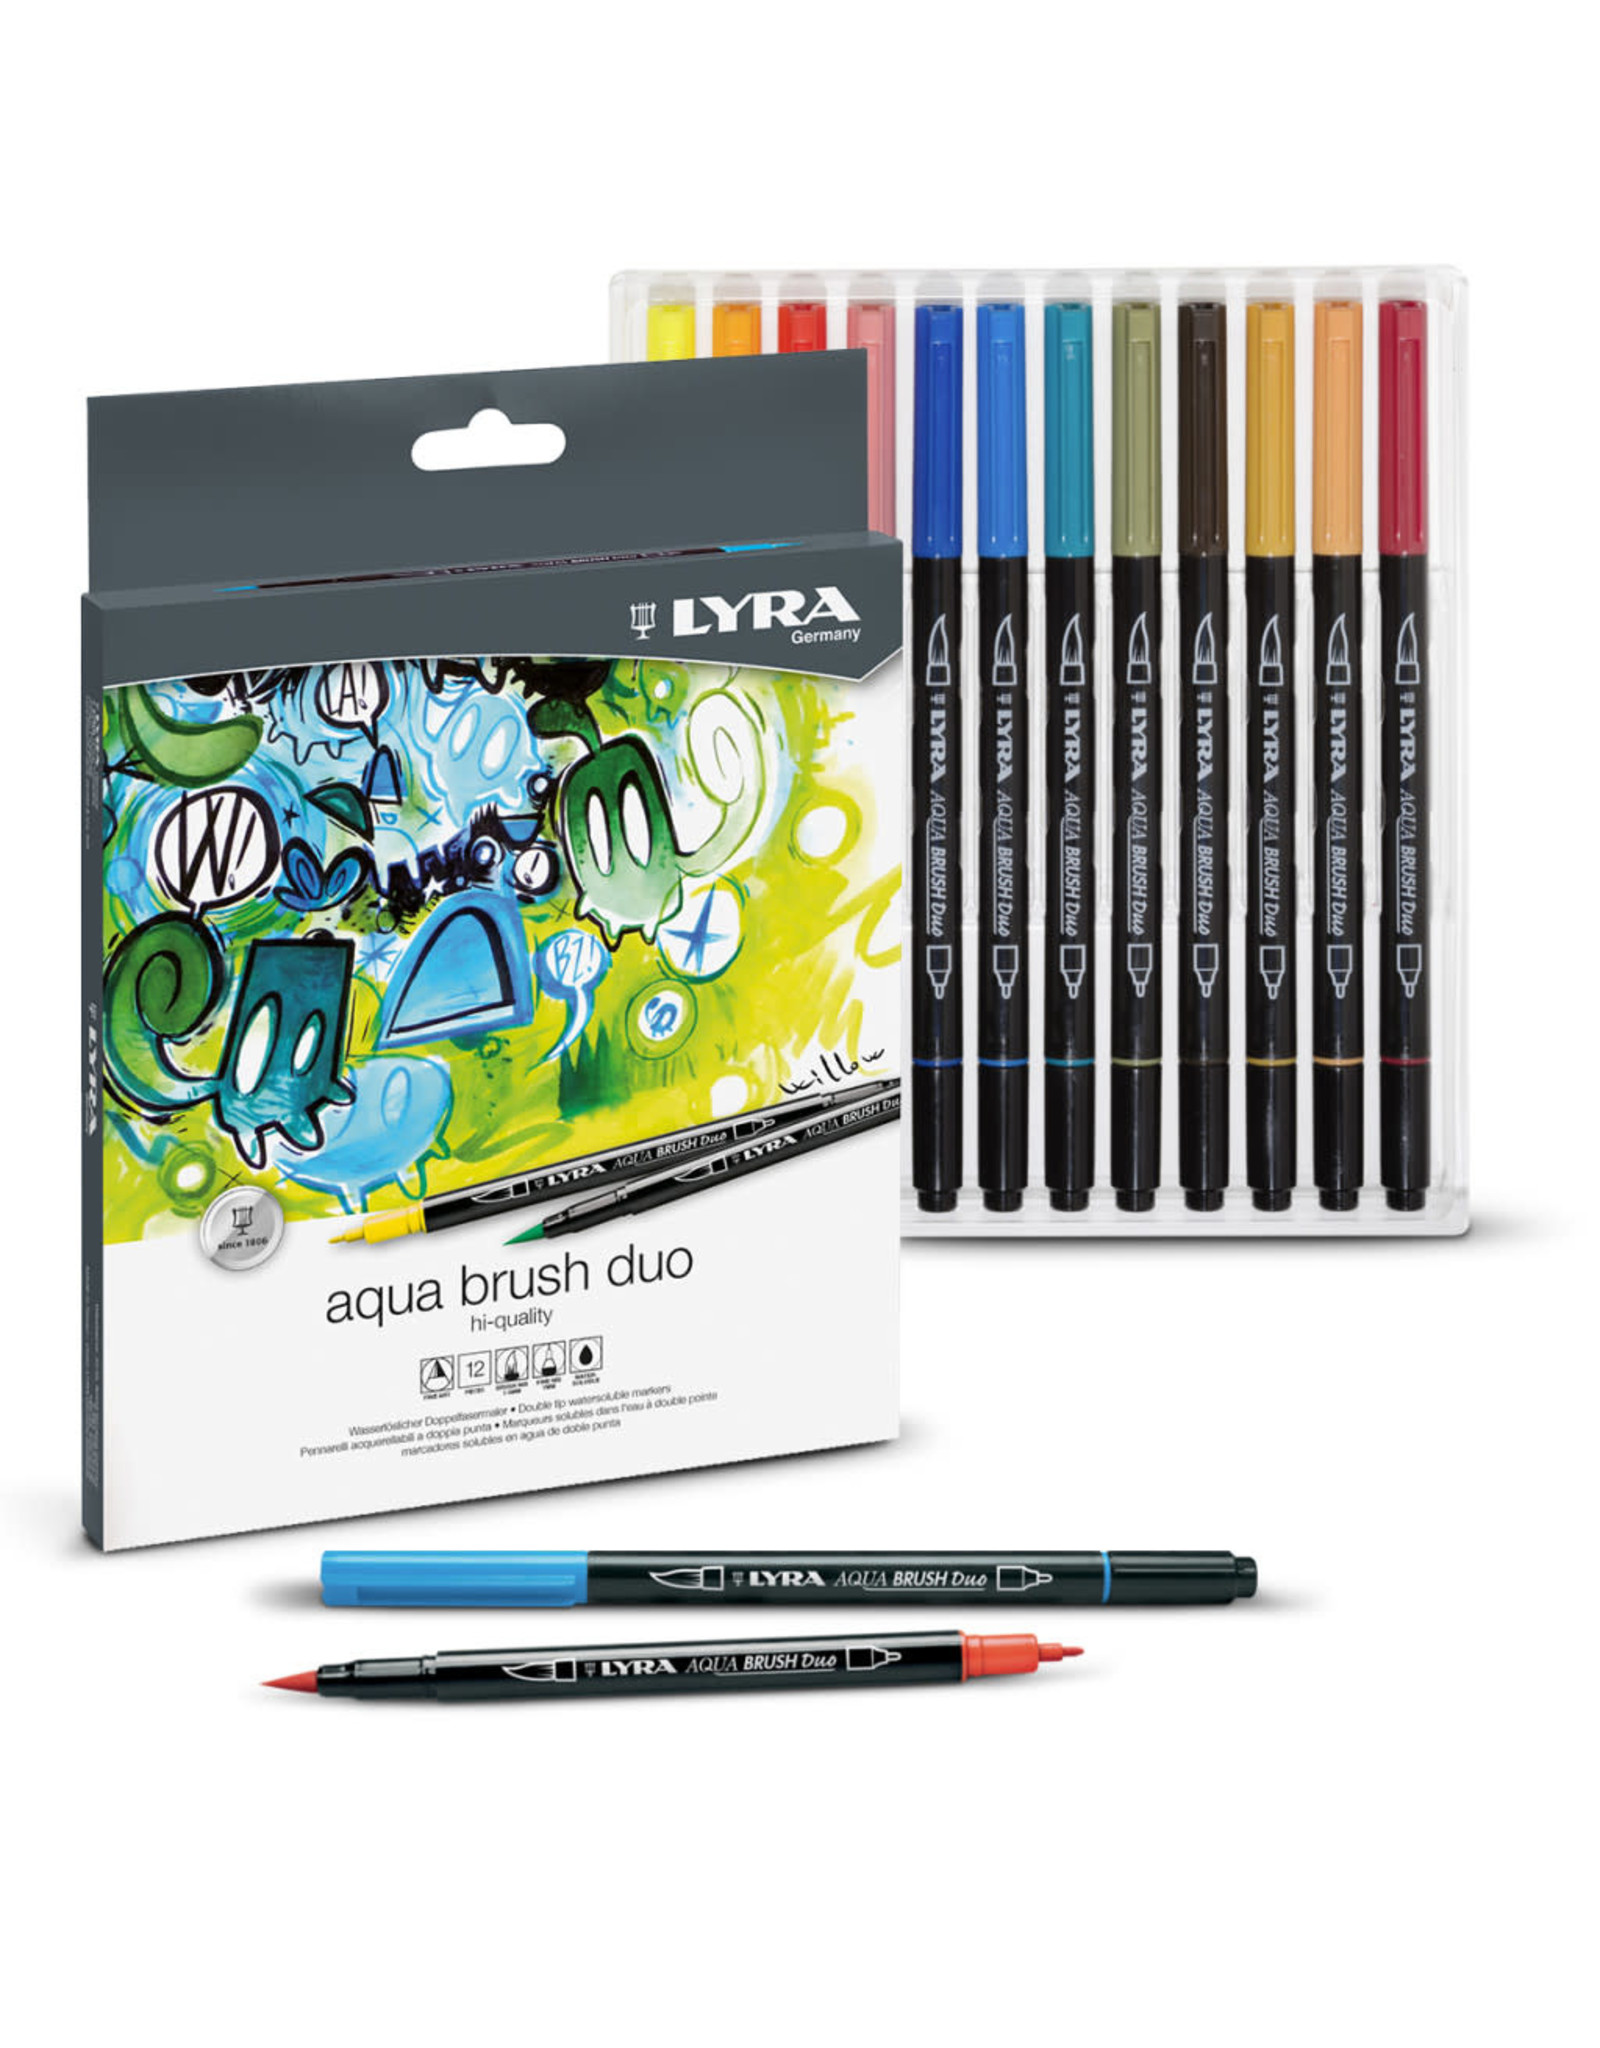 LYRA Lyra Aqua Brush Duo 24pc